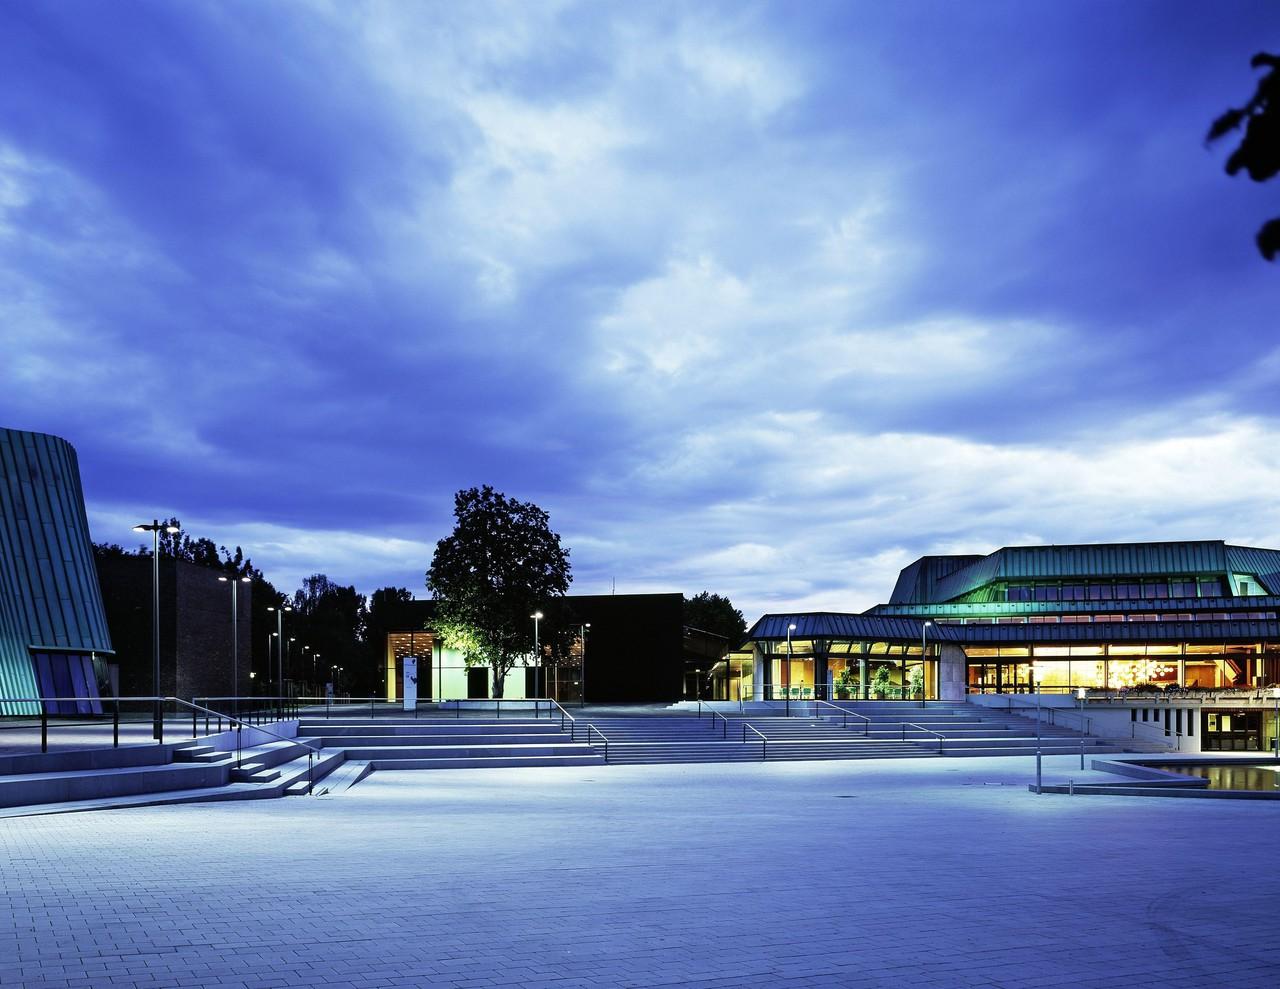 Esslingen am Neckar PR & Marketing Event Tagungs-/Kongresszentrum Schwabenlandhalle image 0